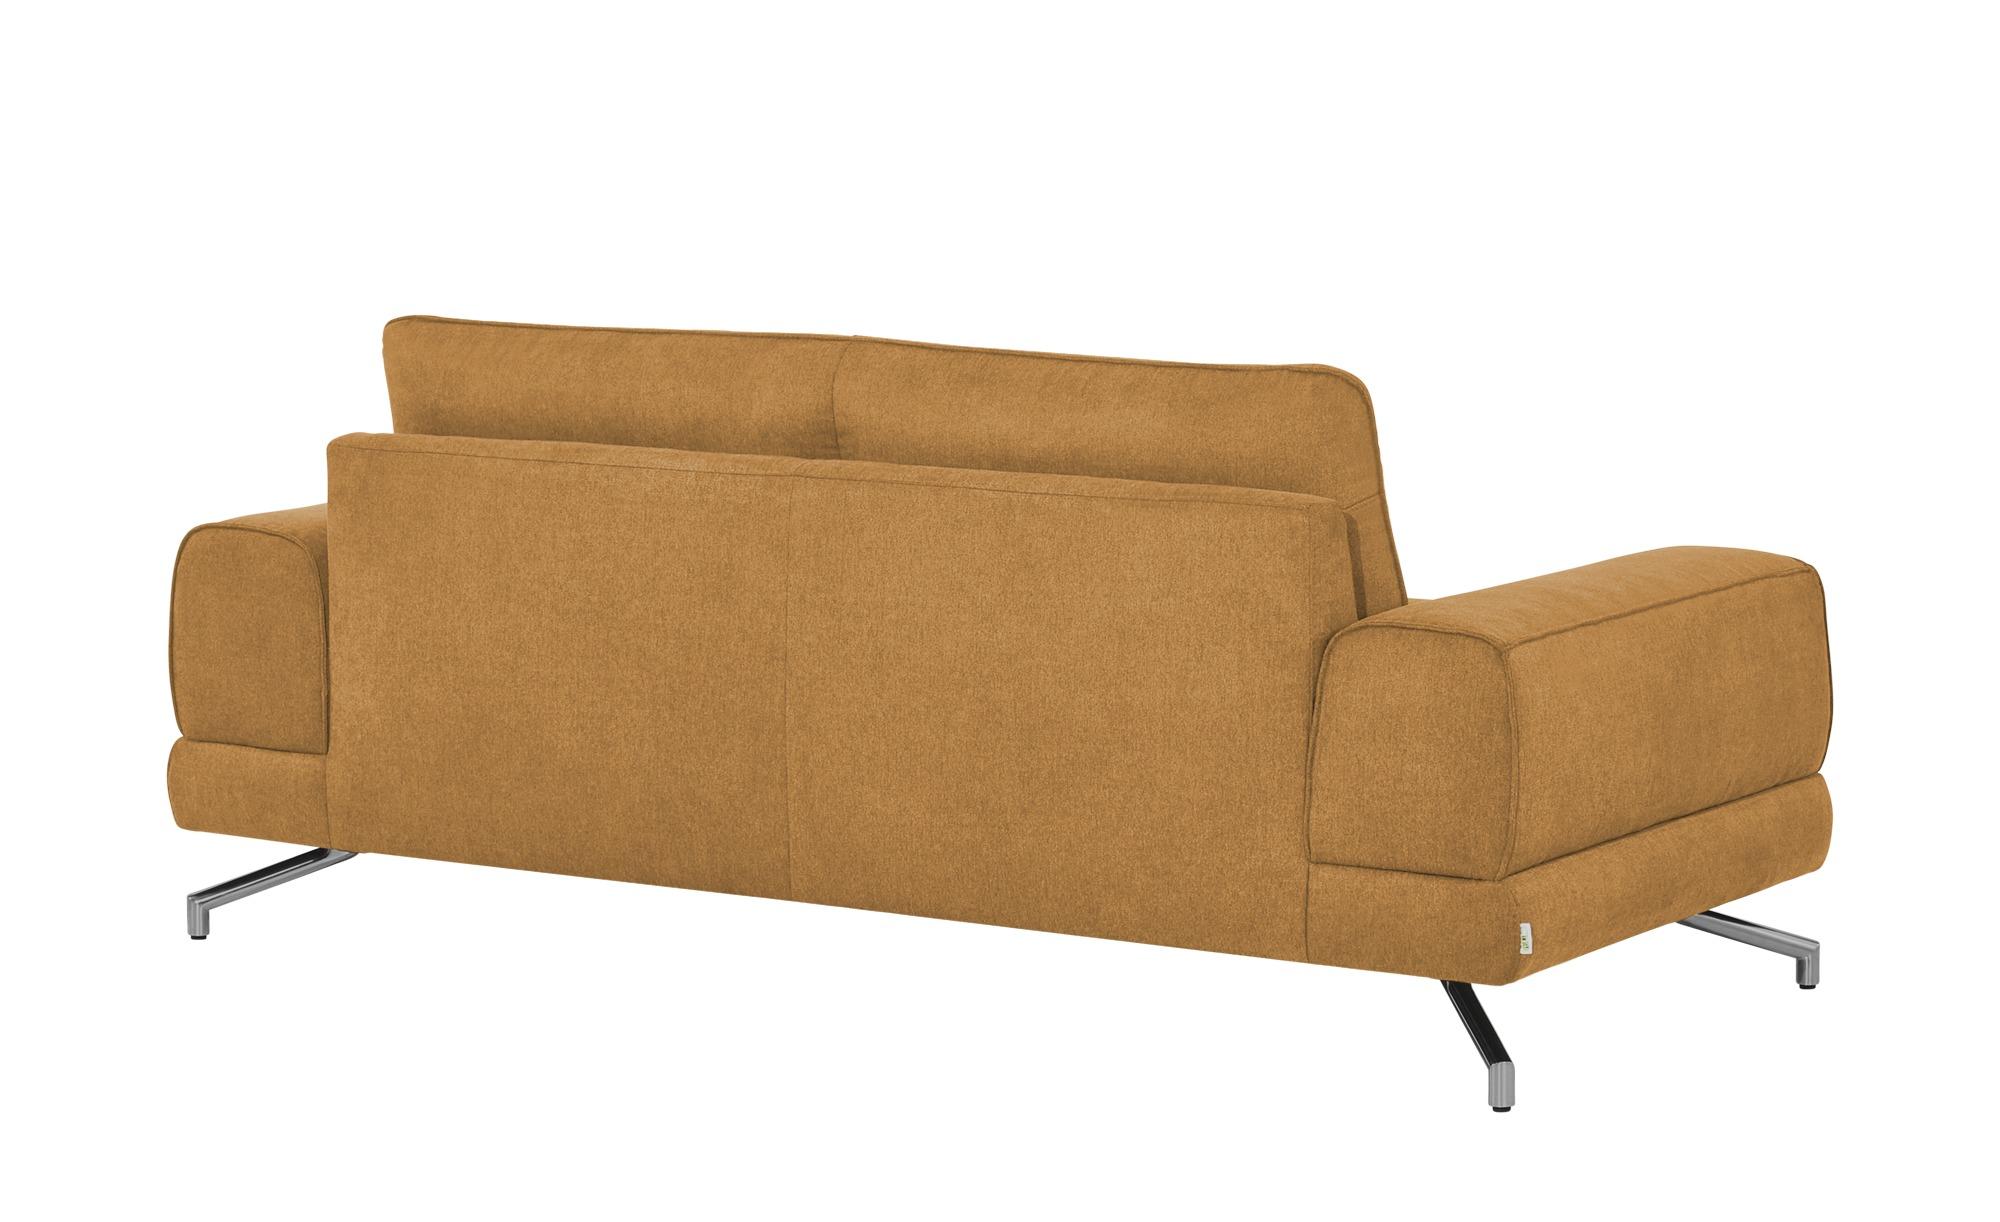 smart Sofa ocker - Stoff Bonika ¦ orange ¦ Maße (cm): B: 198 H: 83 T: 95 Polstermöbel > Sofas > Einzelsofas - Höffner